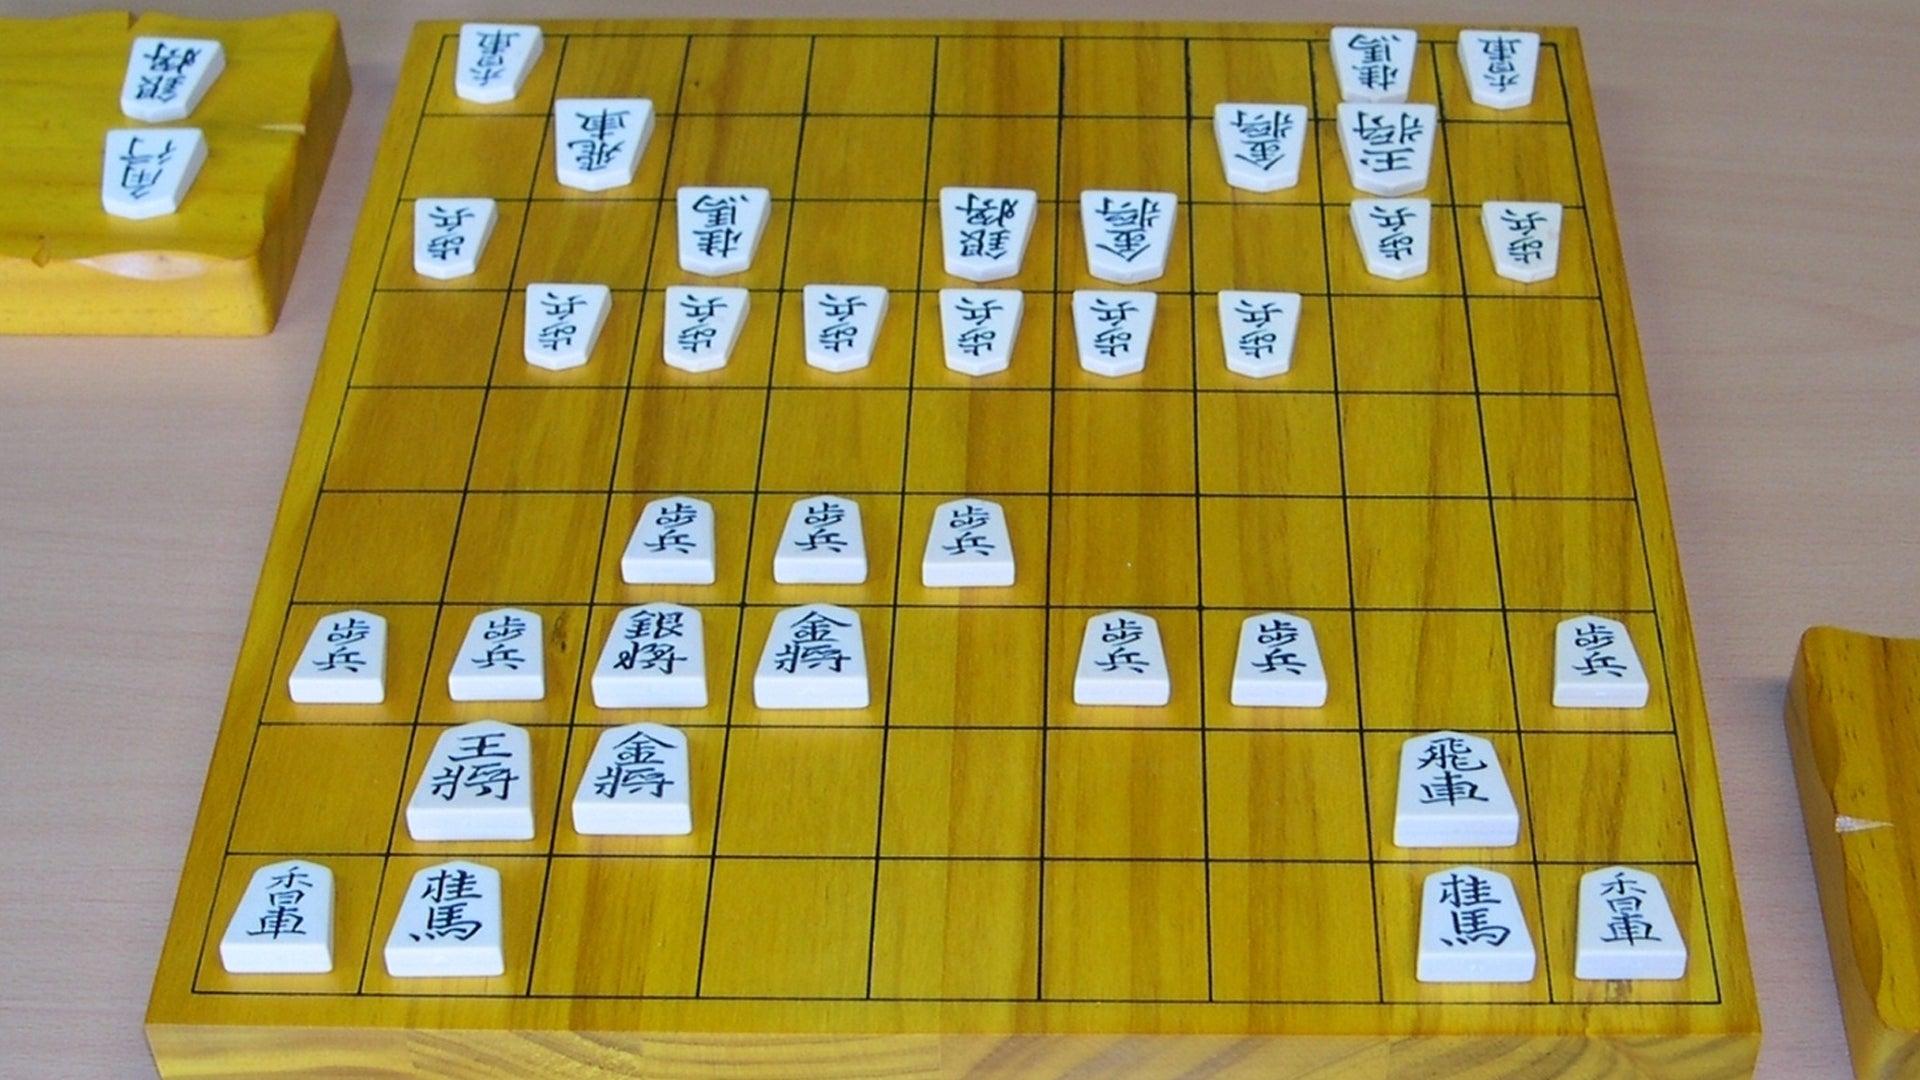 Shogi board with pieces